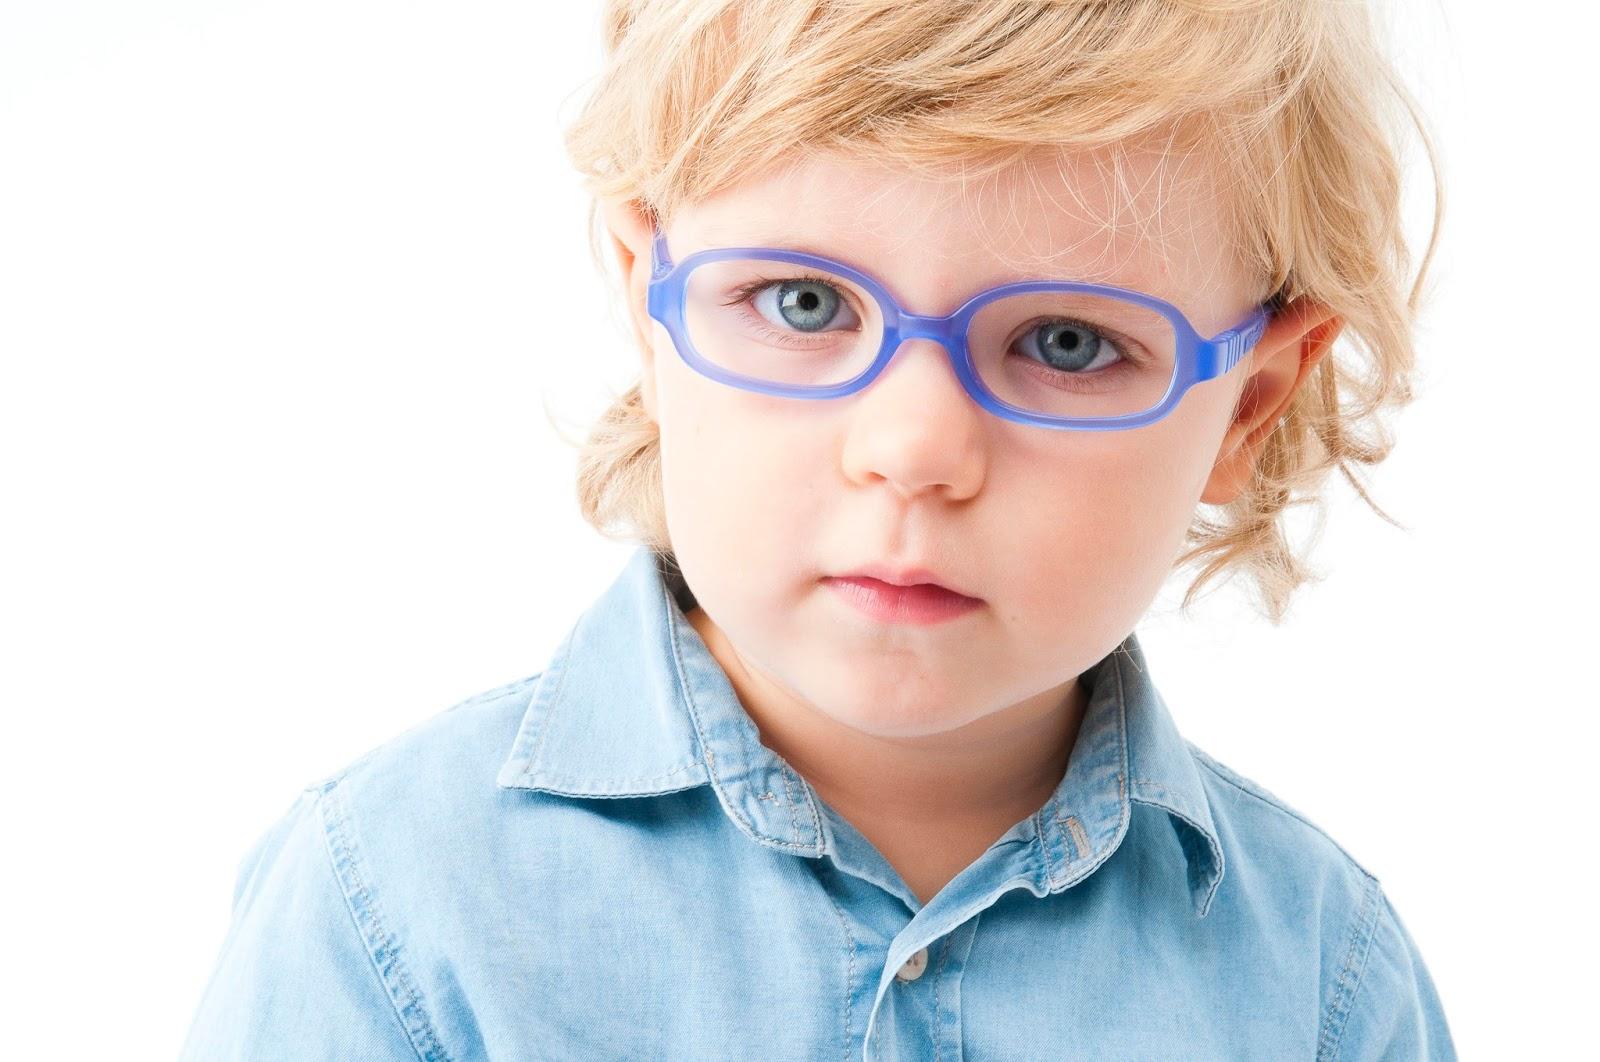 85c6db877a Es muy importante revisar la visión de los niños con frecuencia para  detectar posibles problemas que puedan estar afectando la vida del niño e  incluso a su ...